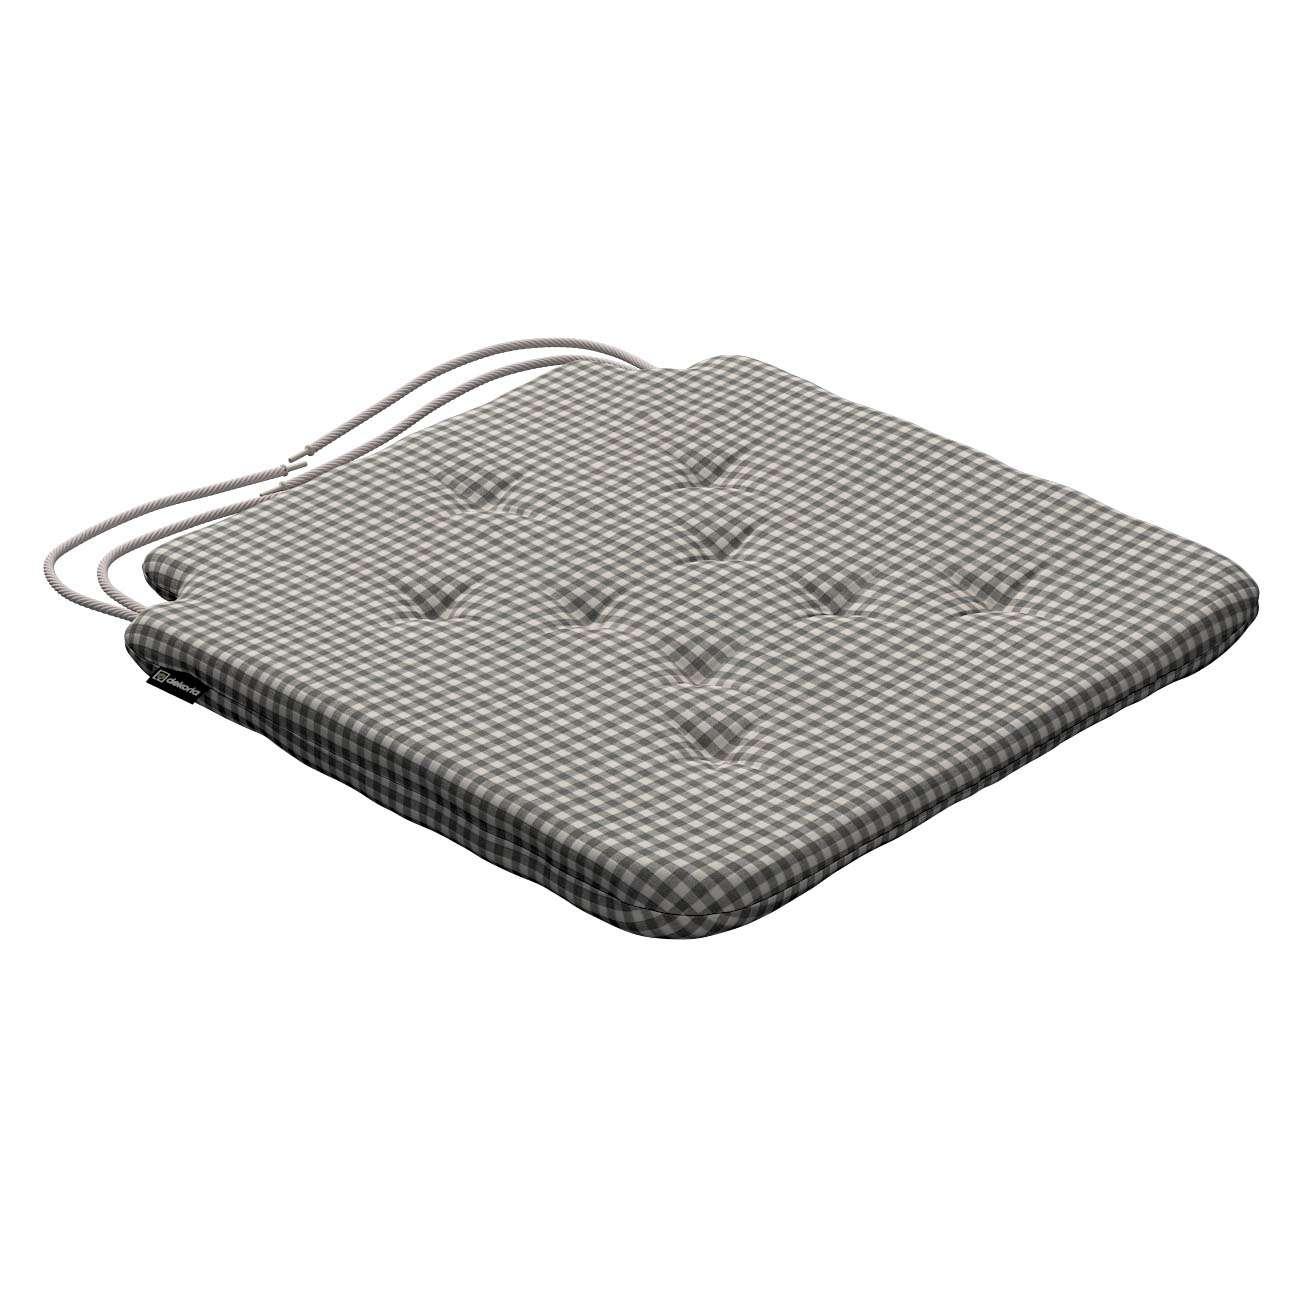 Siedzisko Olek na krzesło 42x41x3,5cm w kolekcji Quadro, tkanina: 136-10